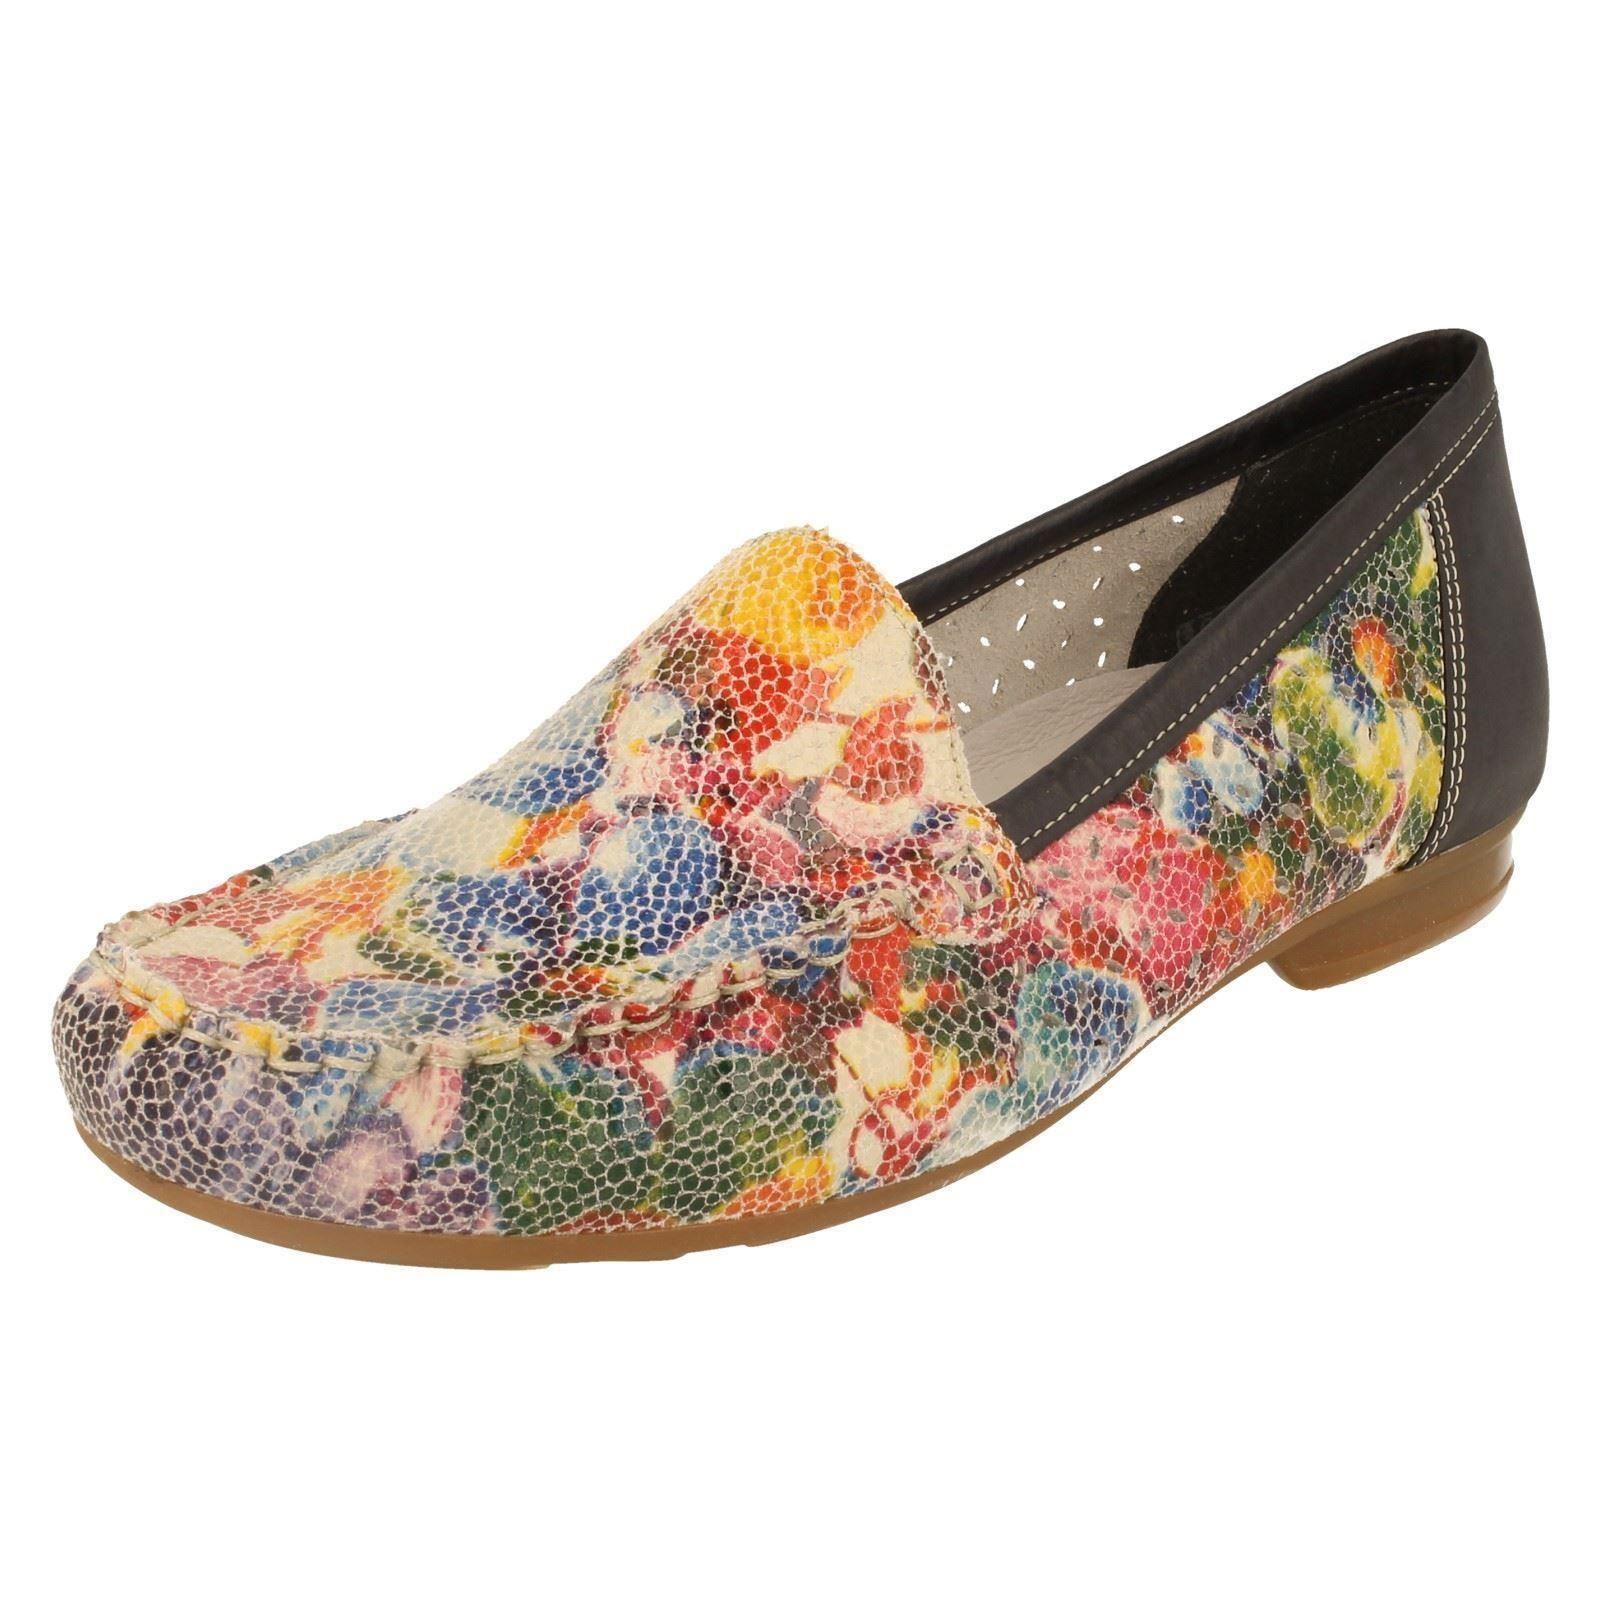 Hommes / femmes Mesdames Rieker Chaussure Chaussure Chaussure s' 40089' Gamme complète de spécifications Belle Grand nom international 46c0ce